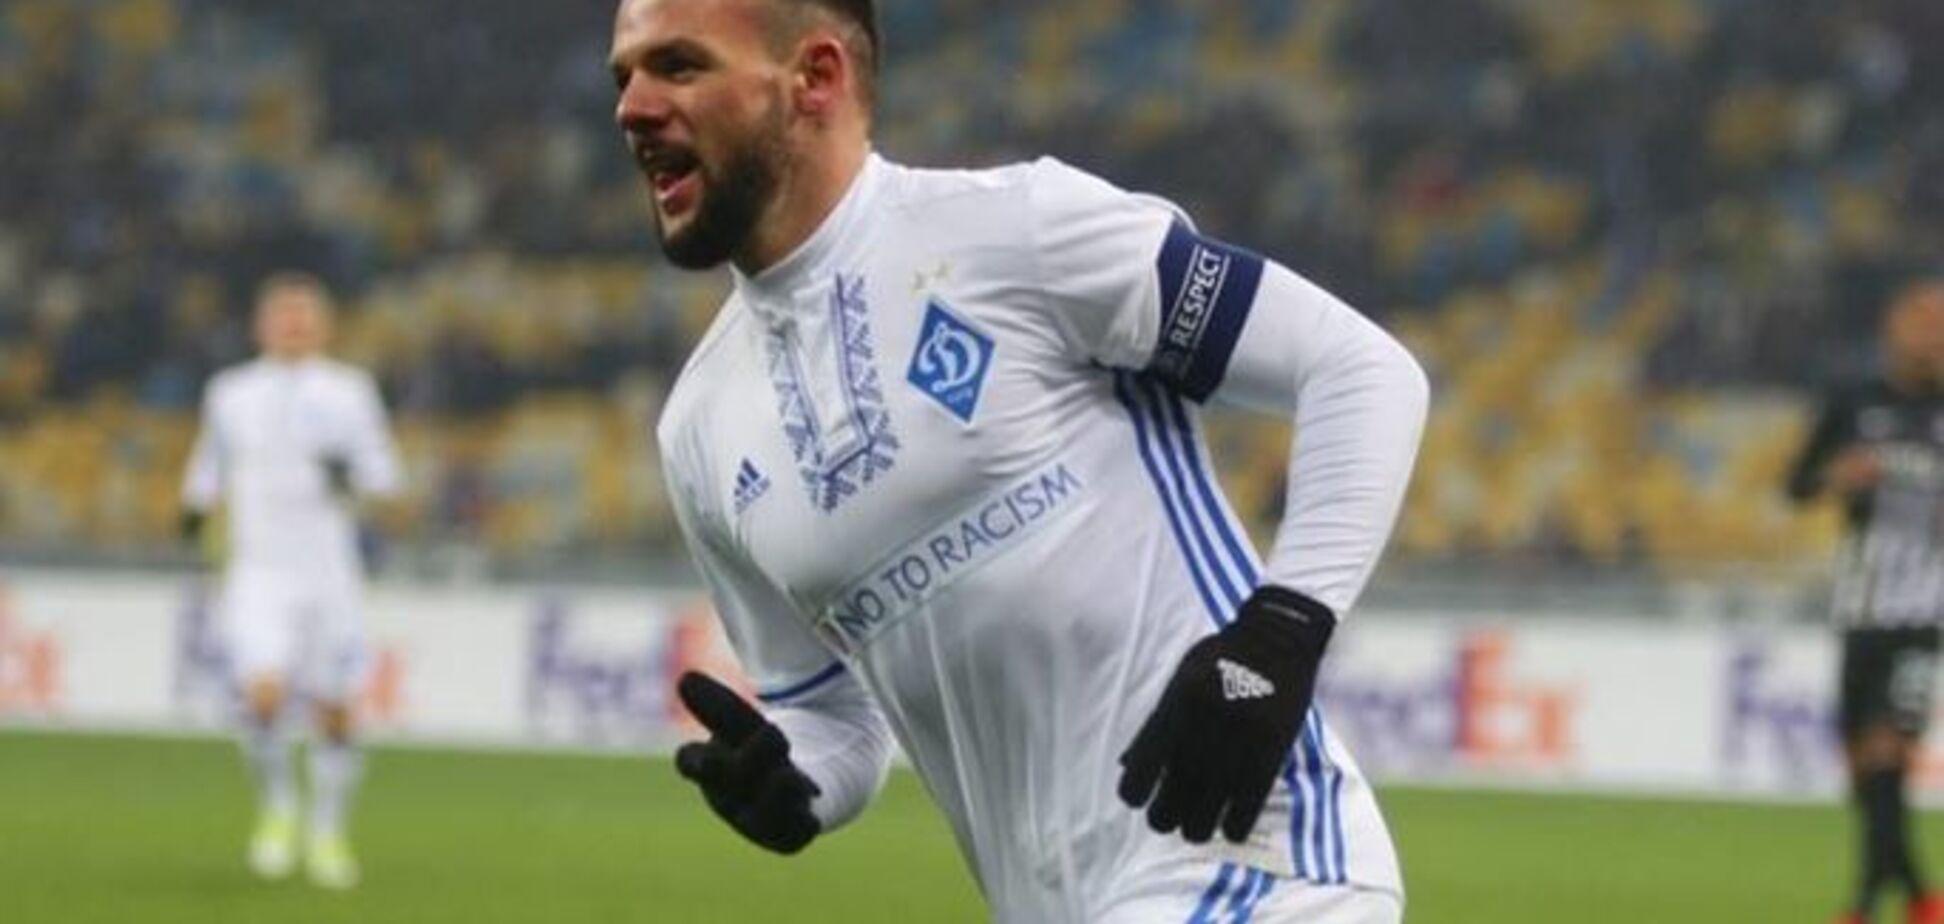 Офіційно: капітан 'Динамо' перейшов в клуб-аутсайдер